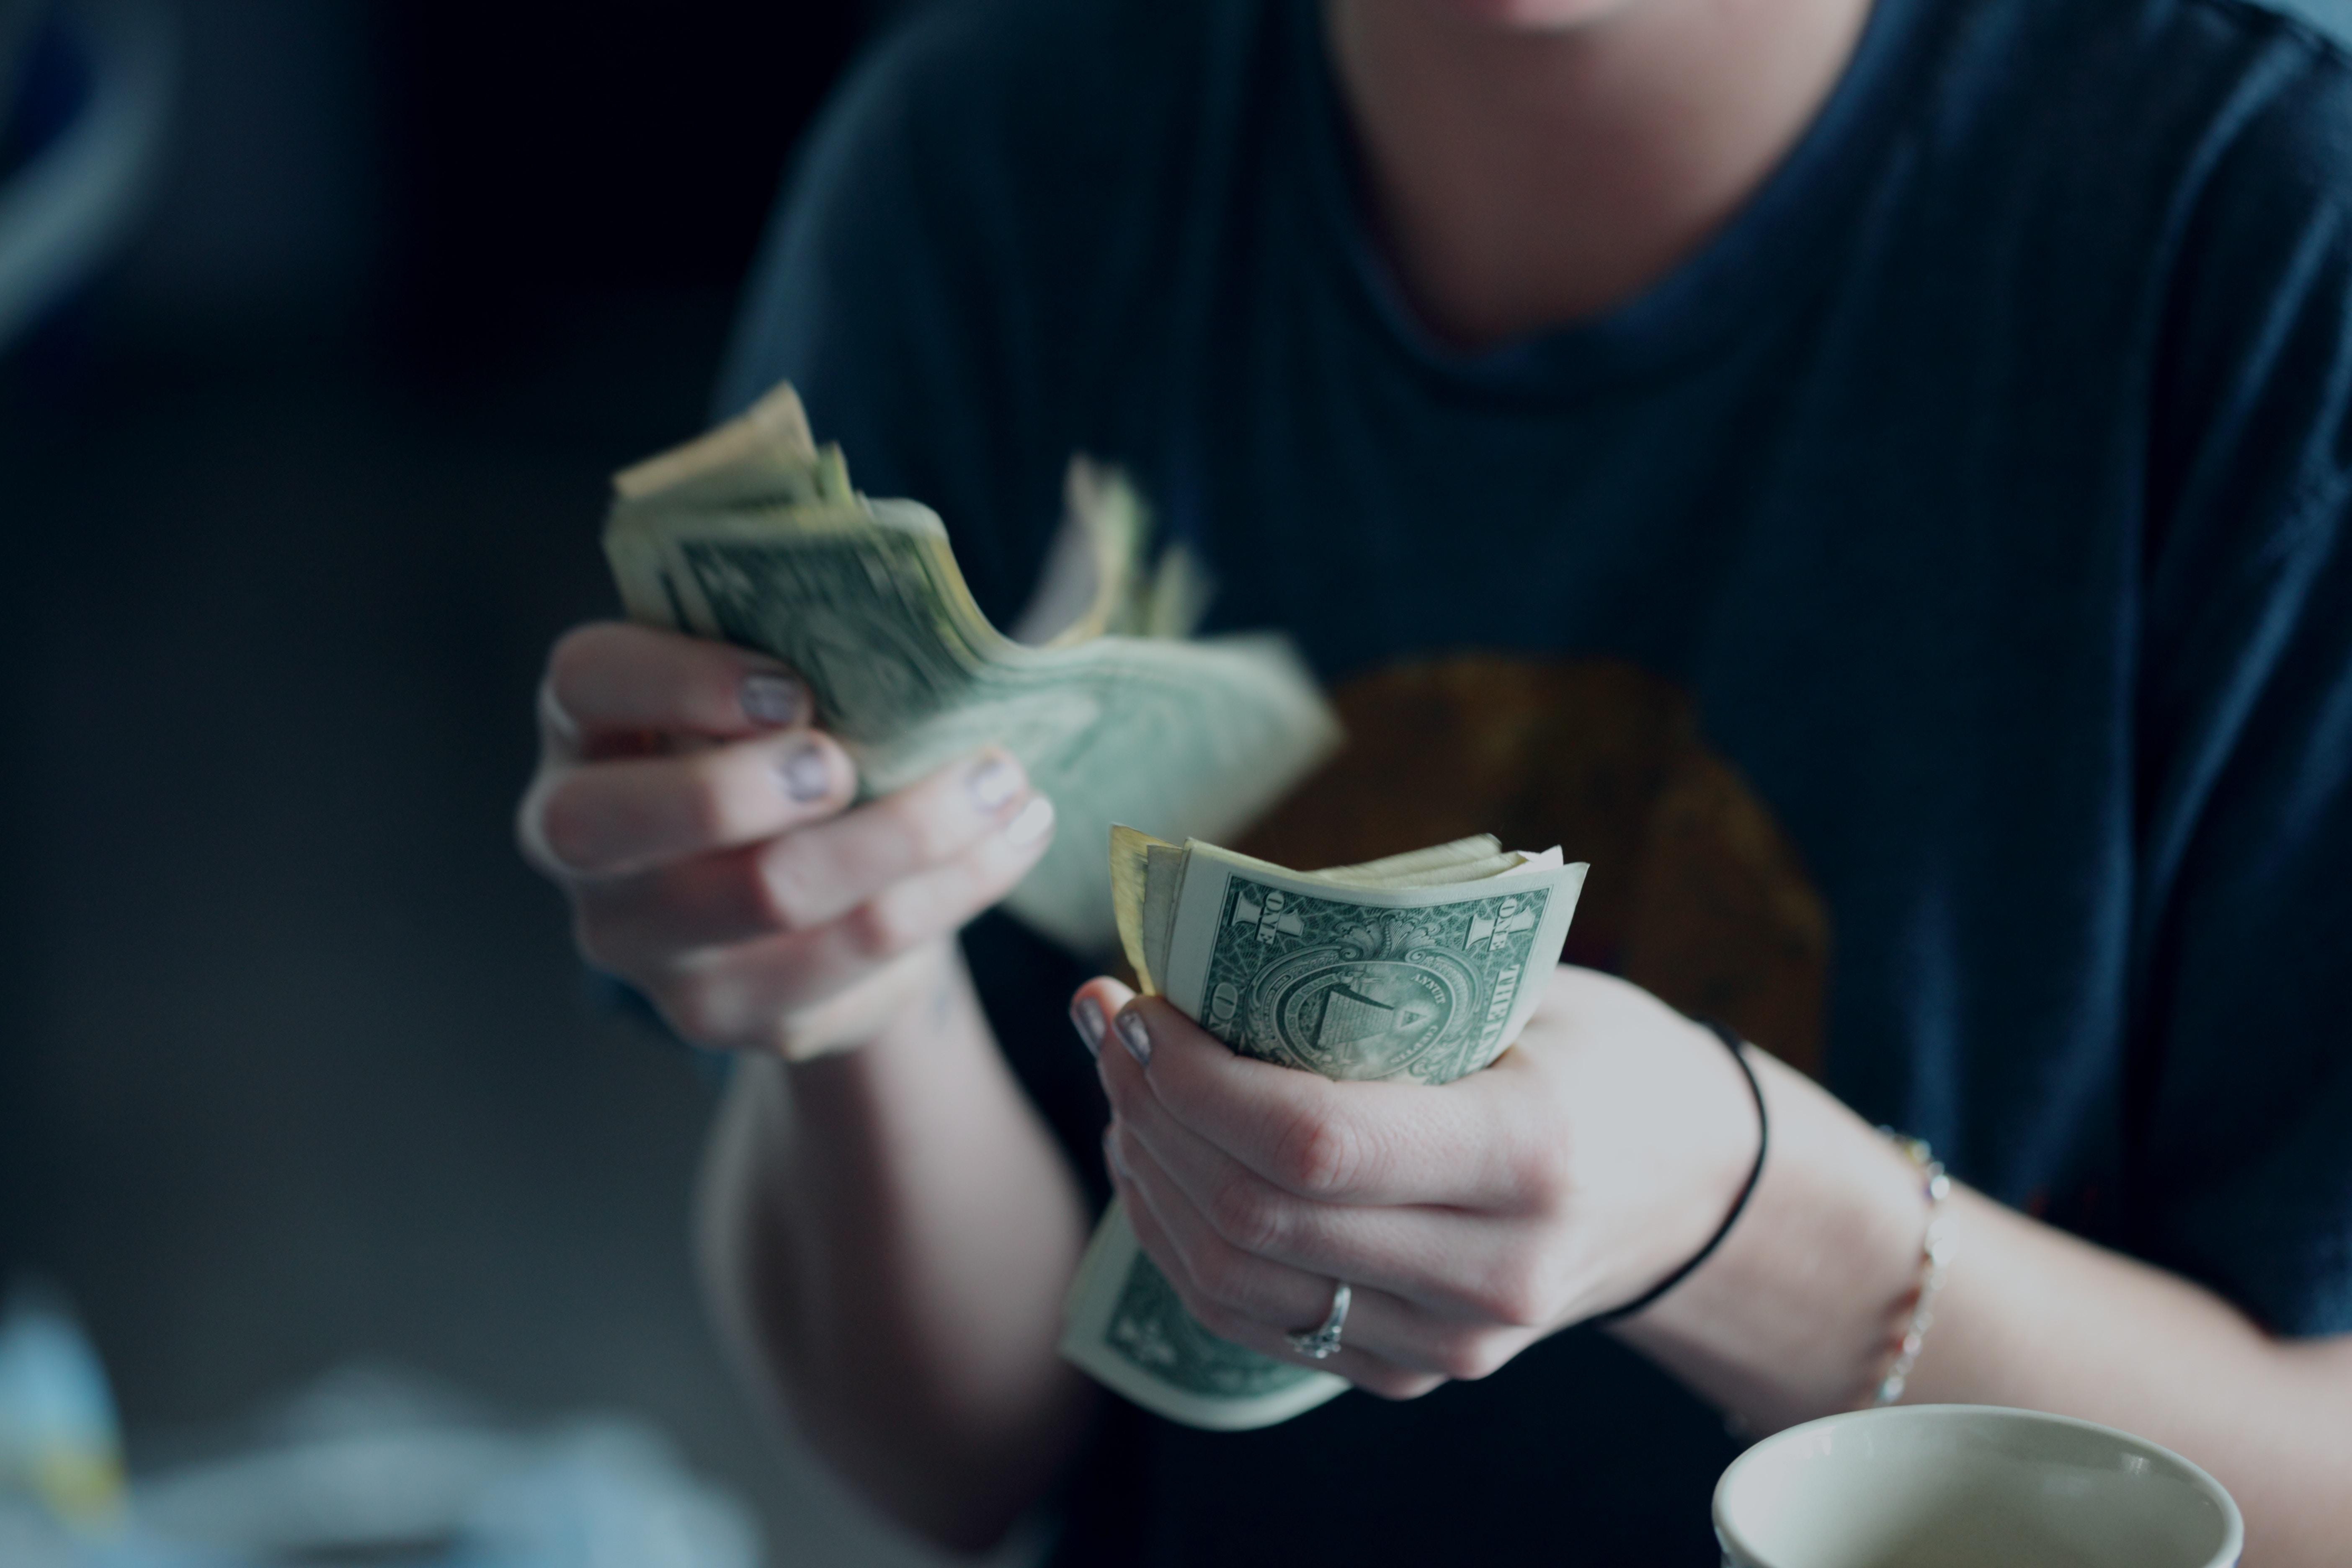 日本円を香港ドルに換金!お得なのは日本or現地?レートが良い店の見分け方も!